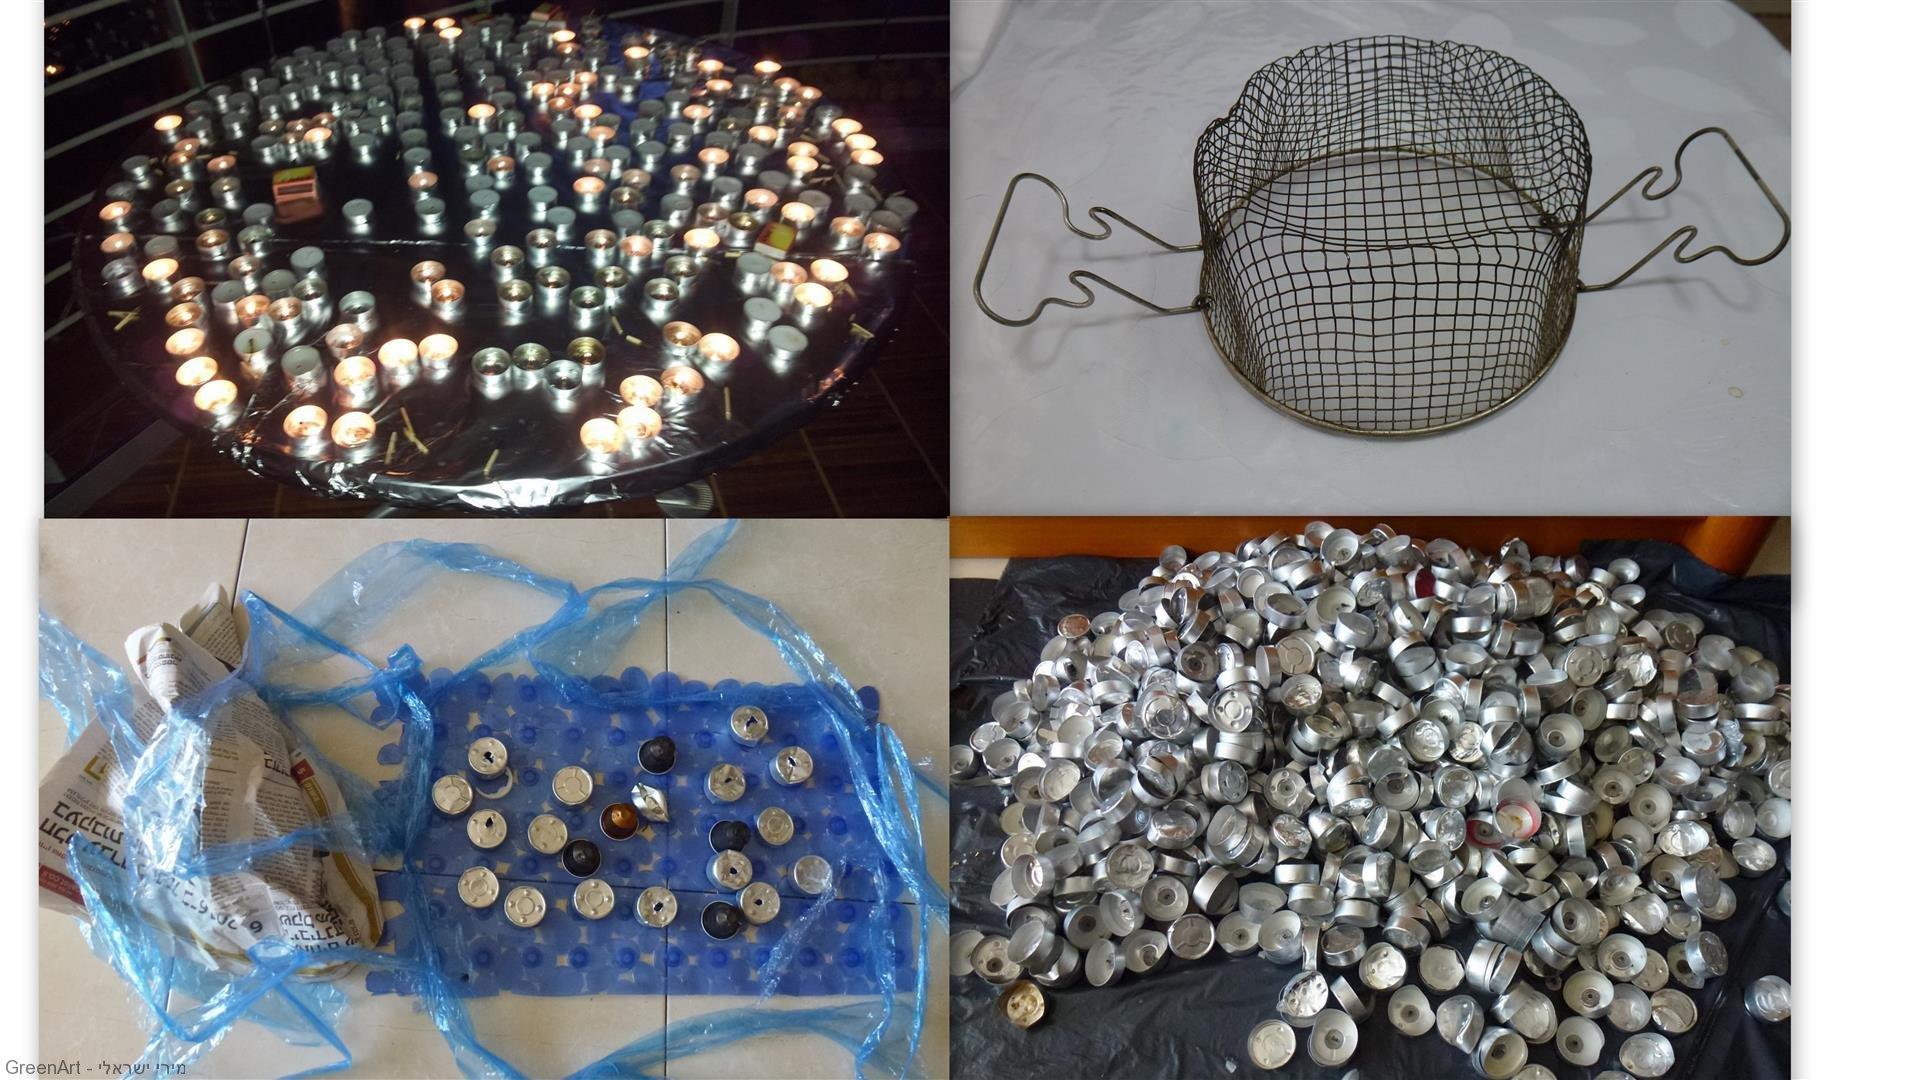 פסולת ההמונים שקמה לתחייה מחודשת לפיסול התמנון האקולוגי - ECO ART